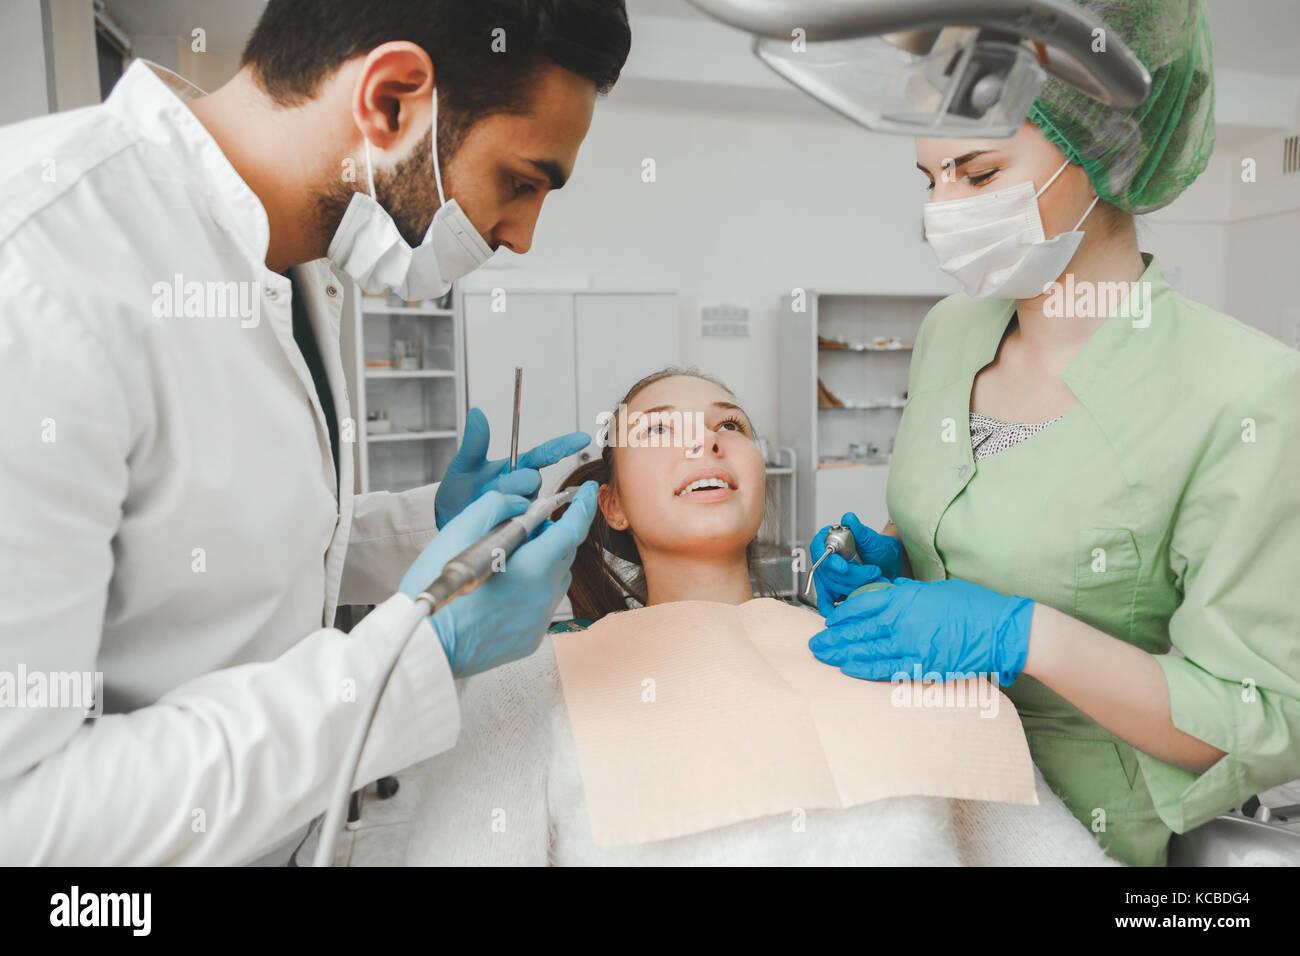 Hermosa joven sobre la salud de la boca por un dentista. Imagen De Stock